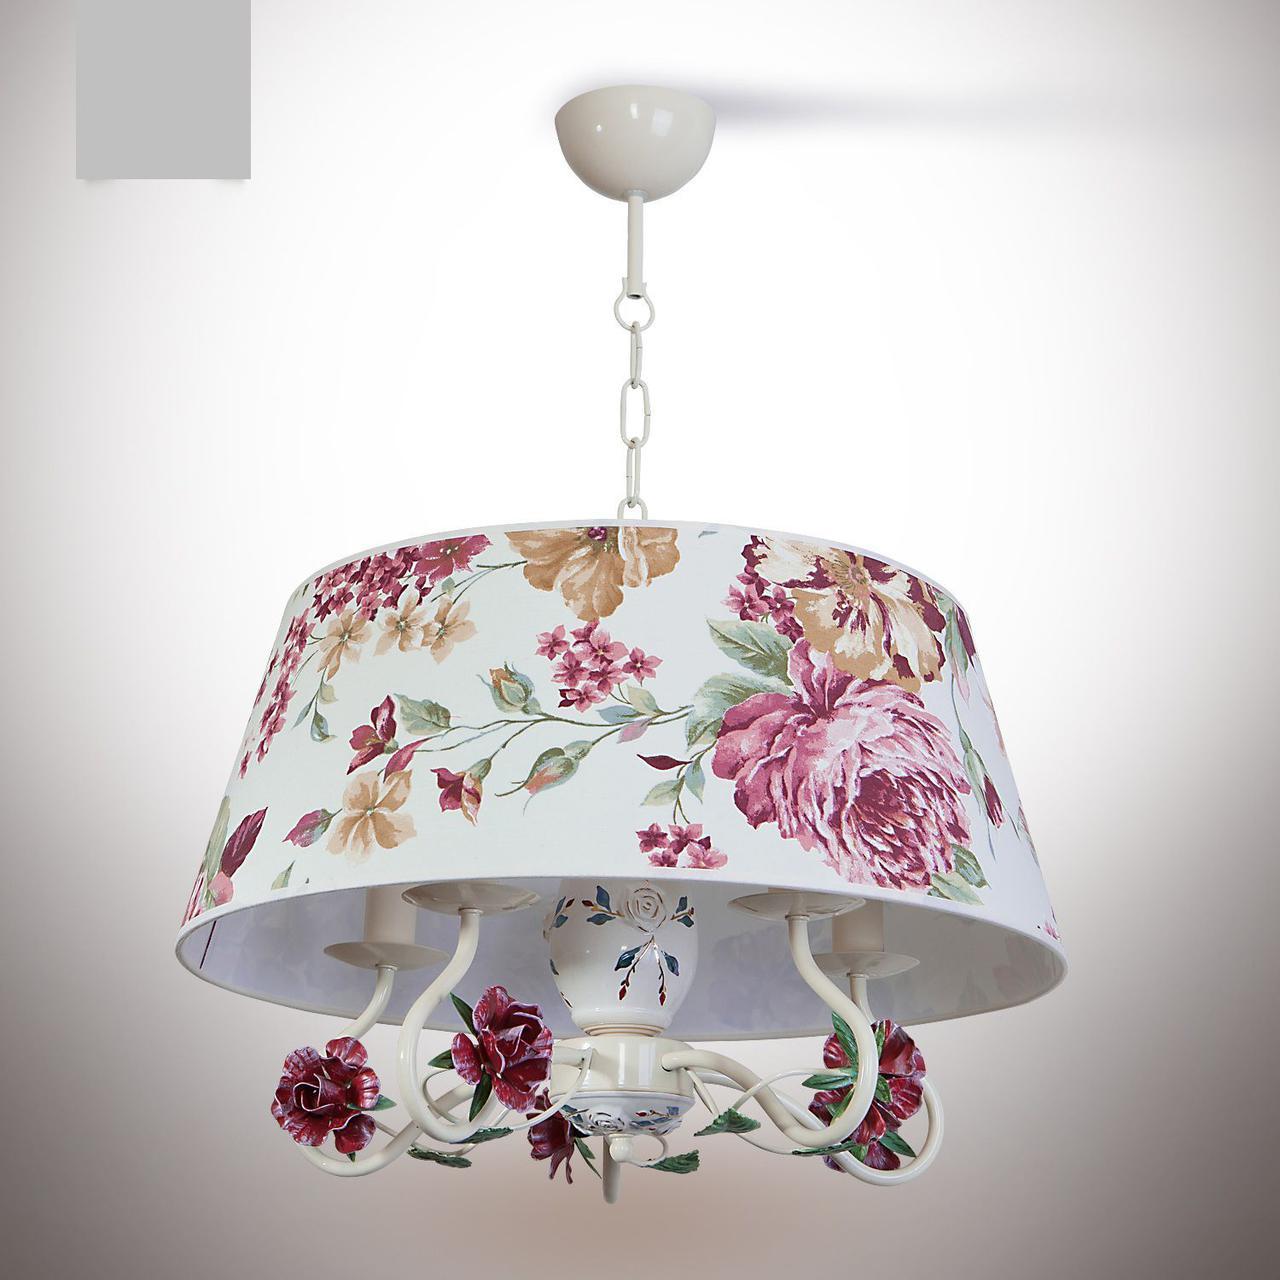 Люстра цветочная с абажуром  для небольшой комнаты, для спальни, зала 7155-2